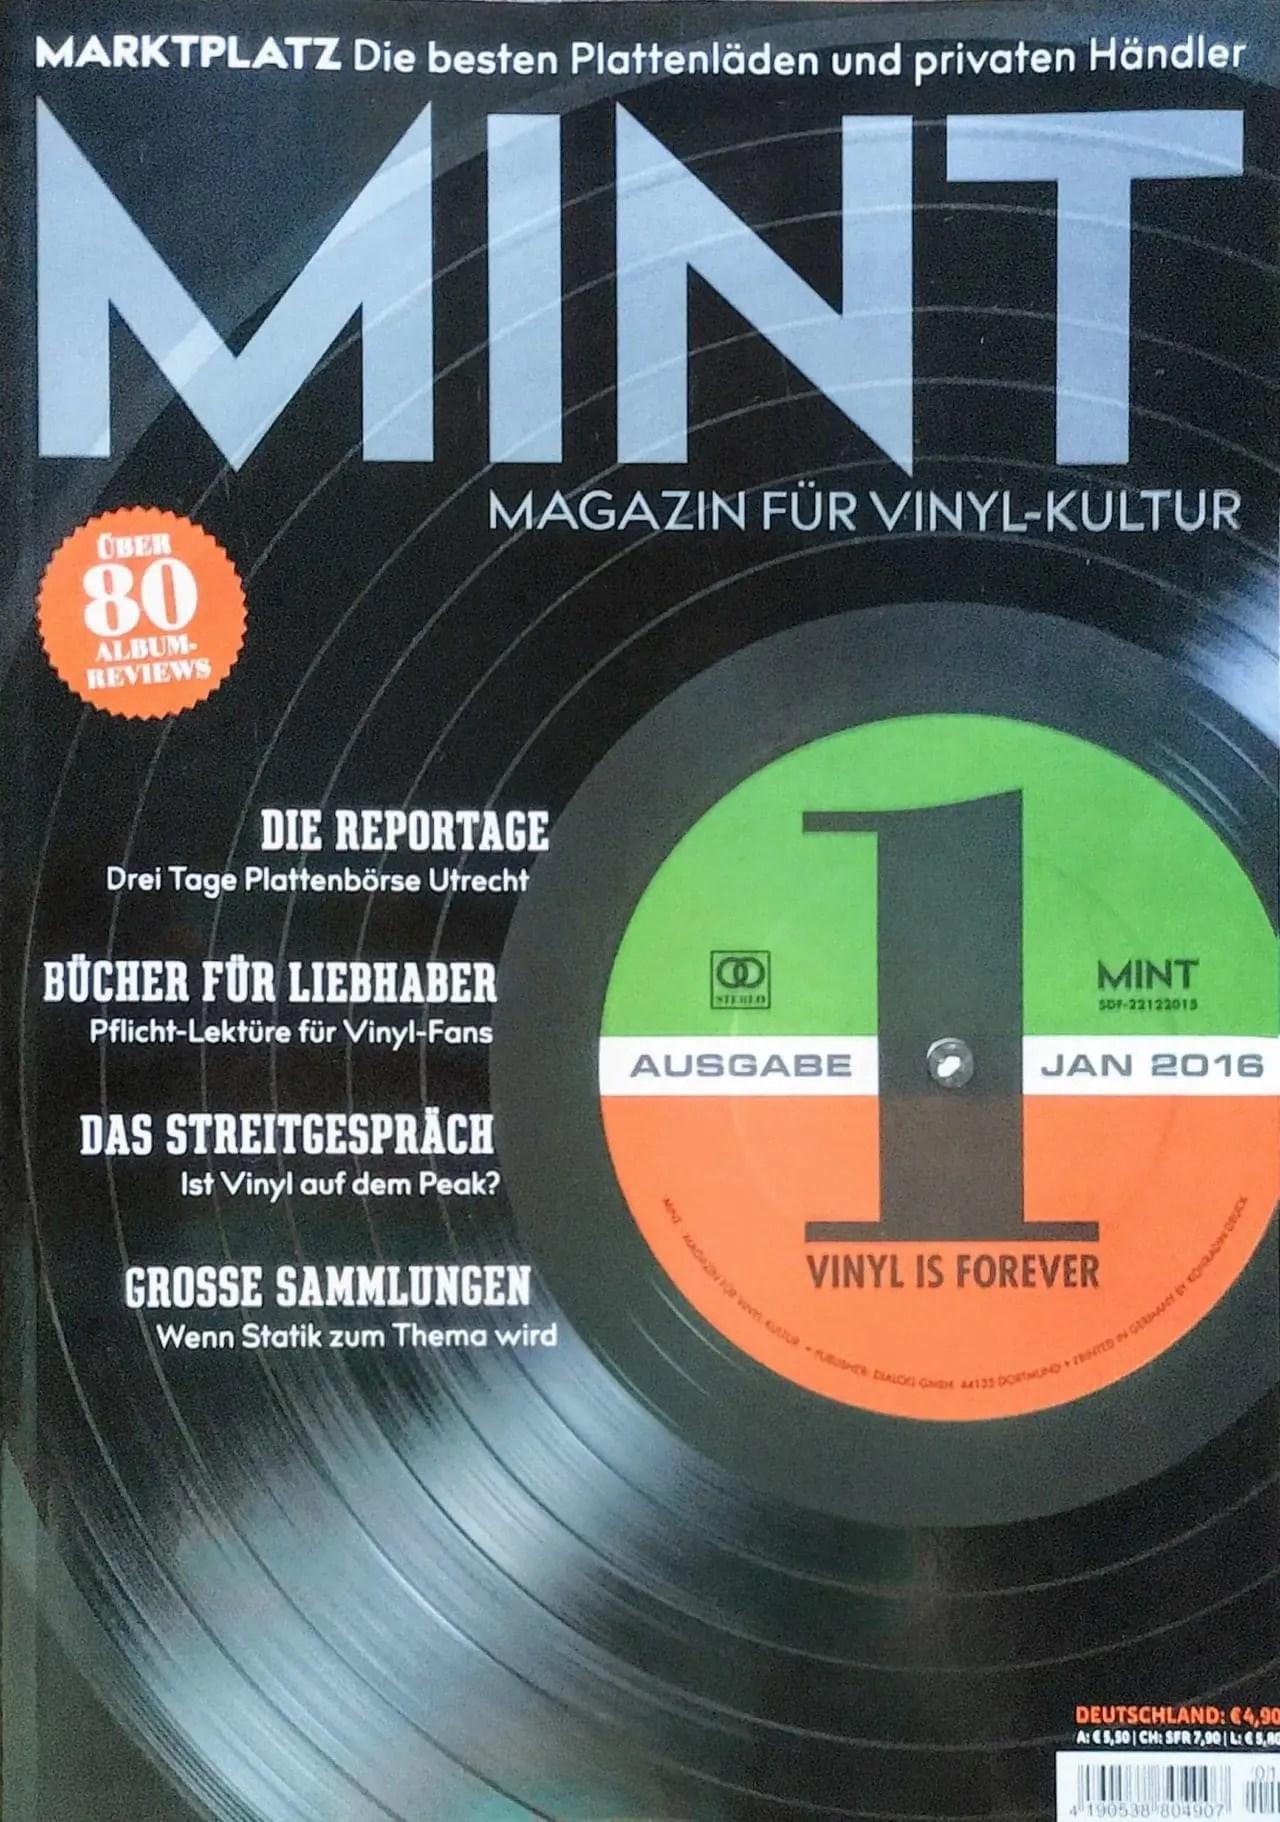 Mint Magazin für Vinyl-Kultur 01/2016 Cover